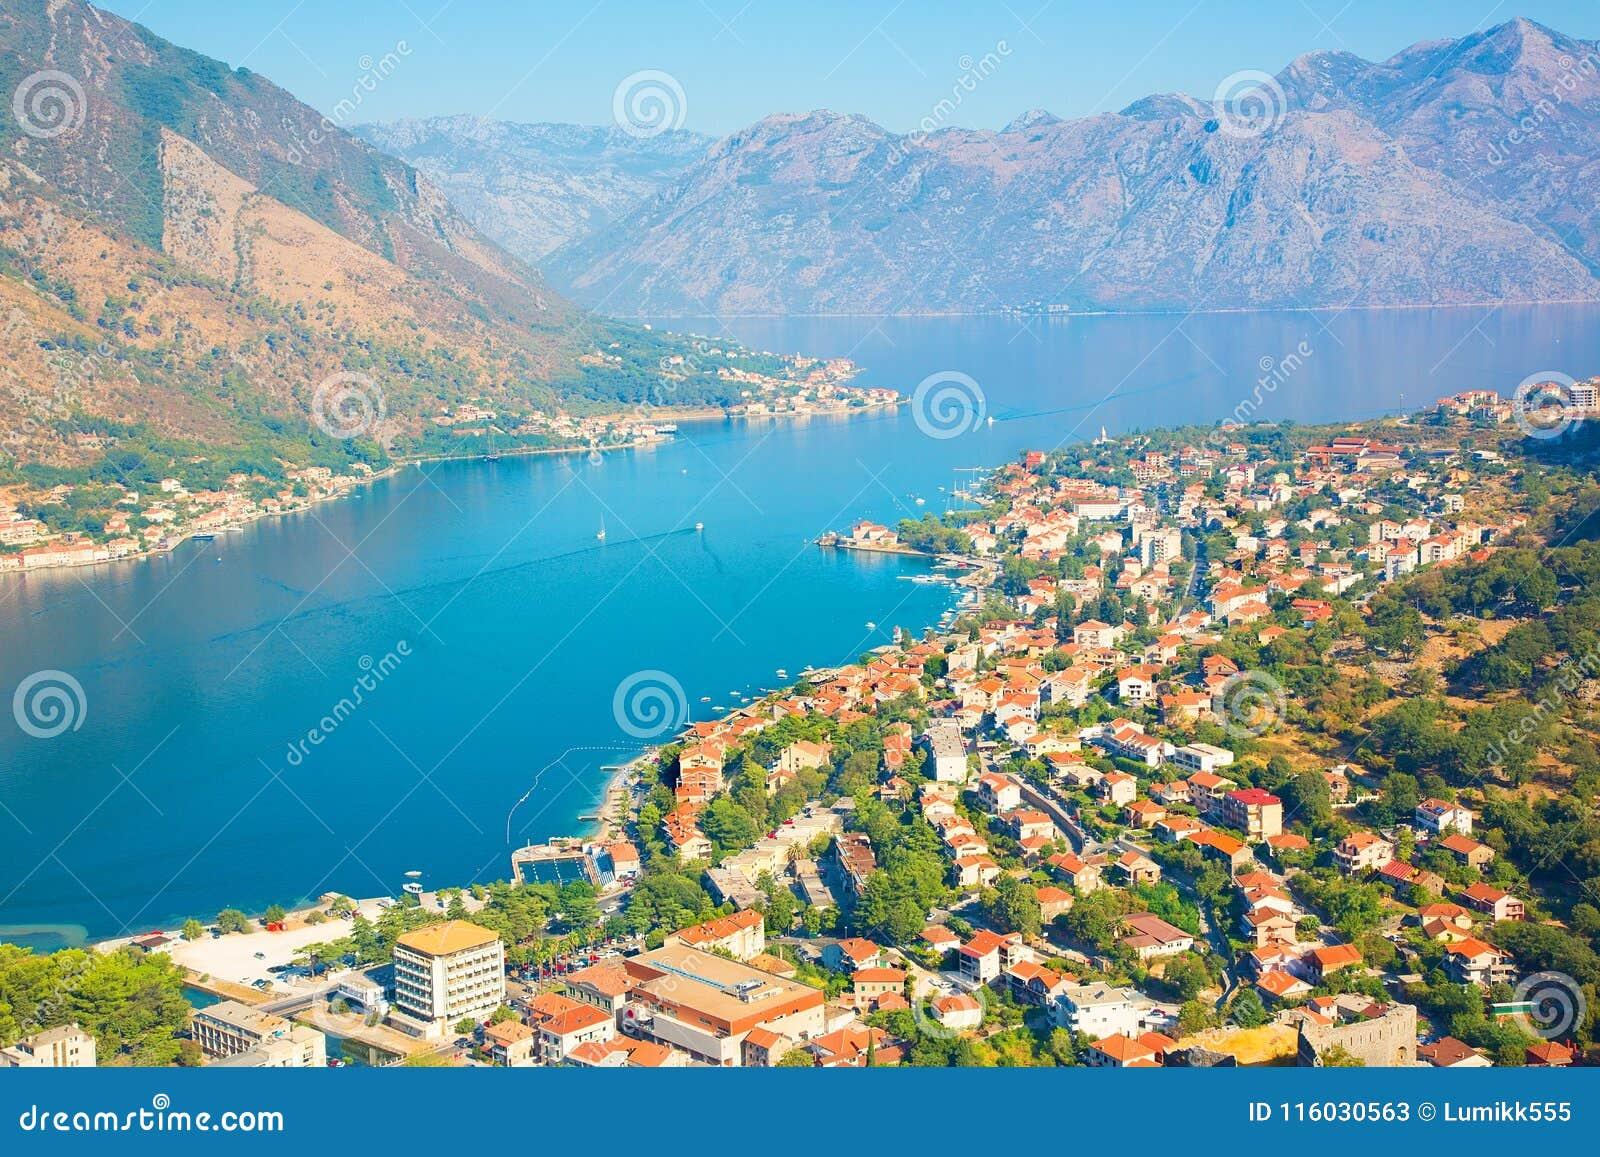 Den panorama- flyg- sikten av Kotor och Boka Kotorska skäller, Montenegro